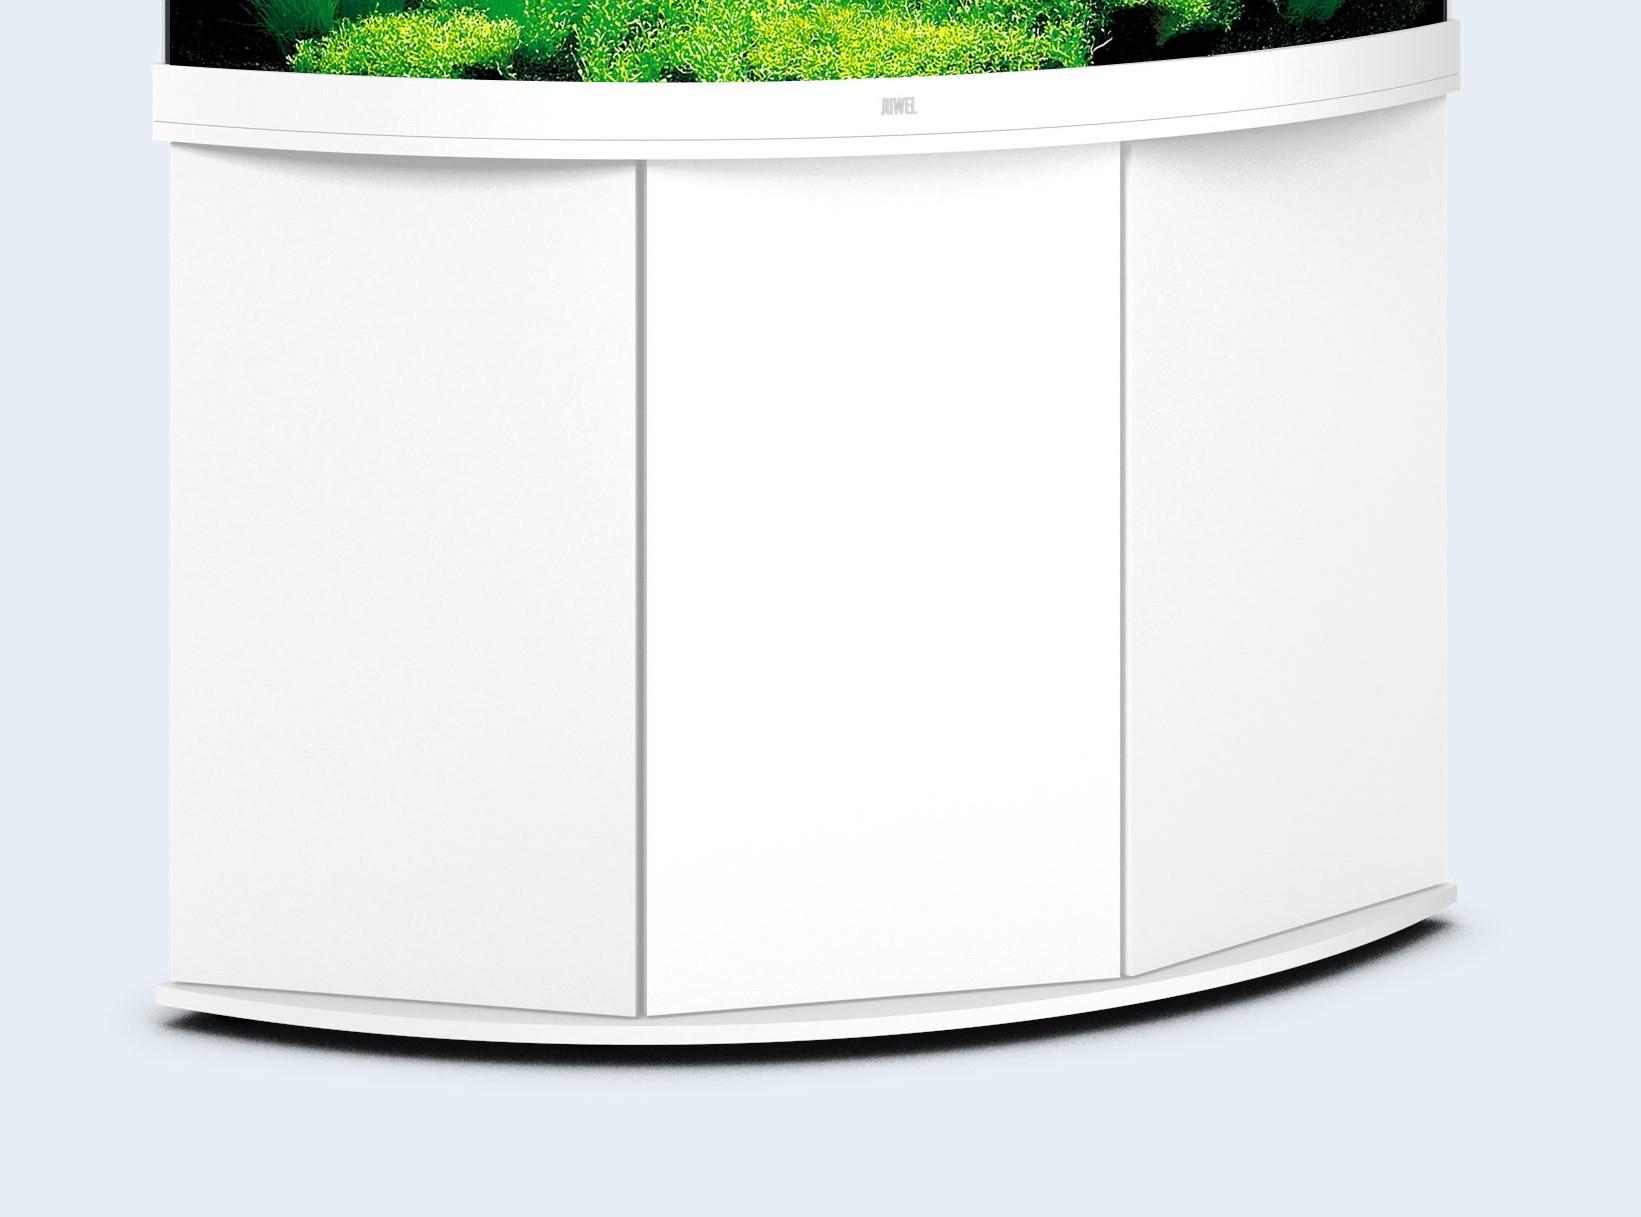 Hvidt Akvarie underskab til 350 liter Trigon model